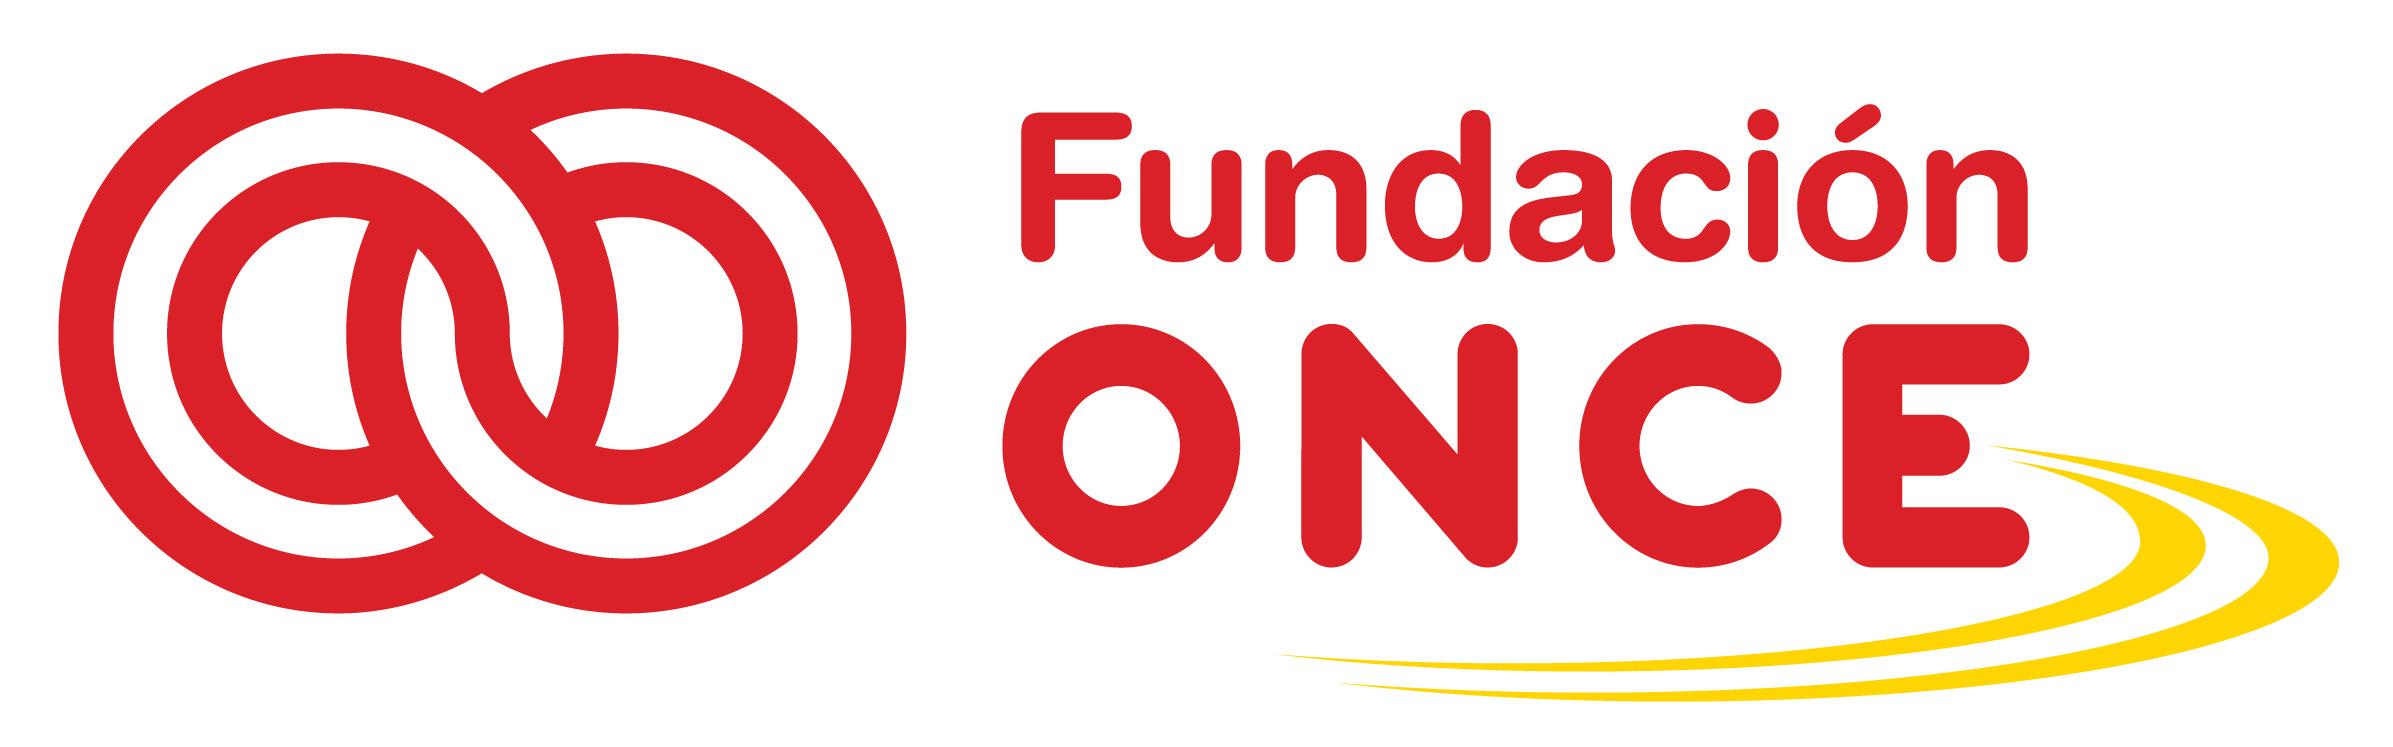 Logotipo Fundación ONCE alargado